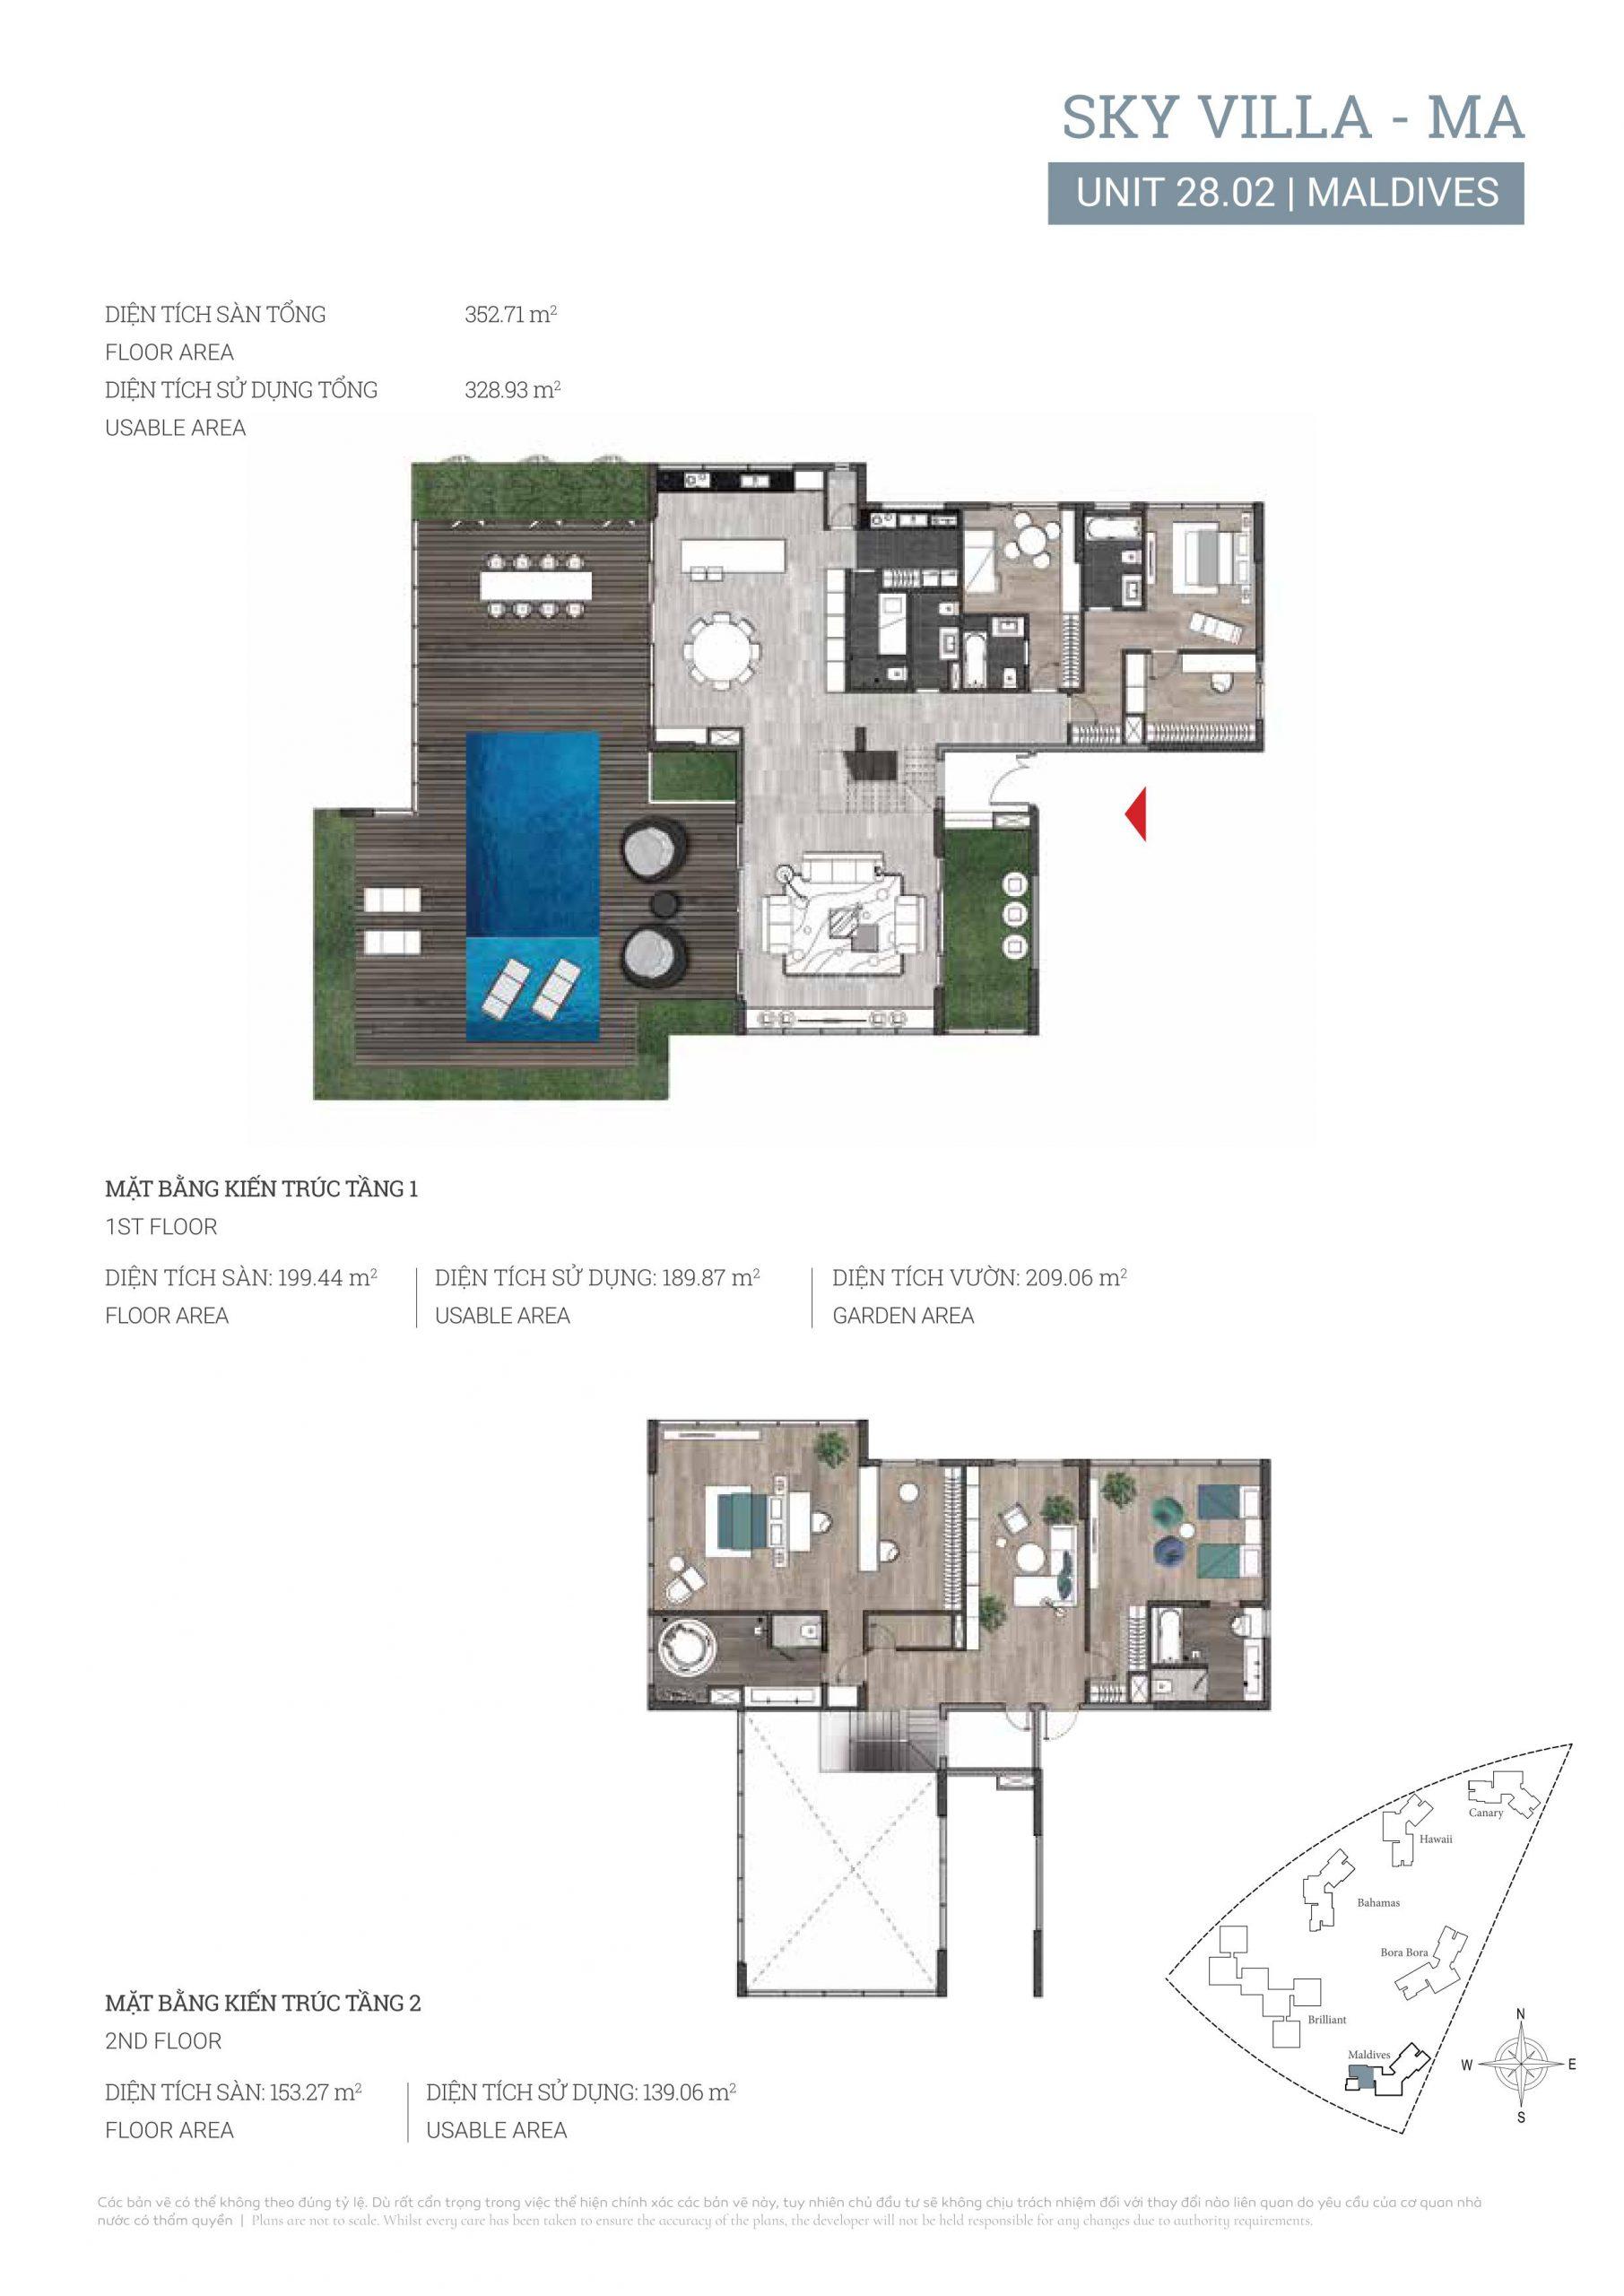 Layuot Penthouse DKC MA-28.02